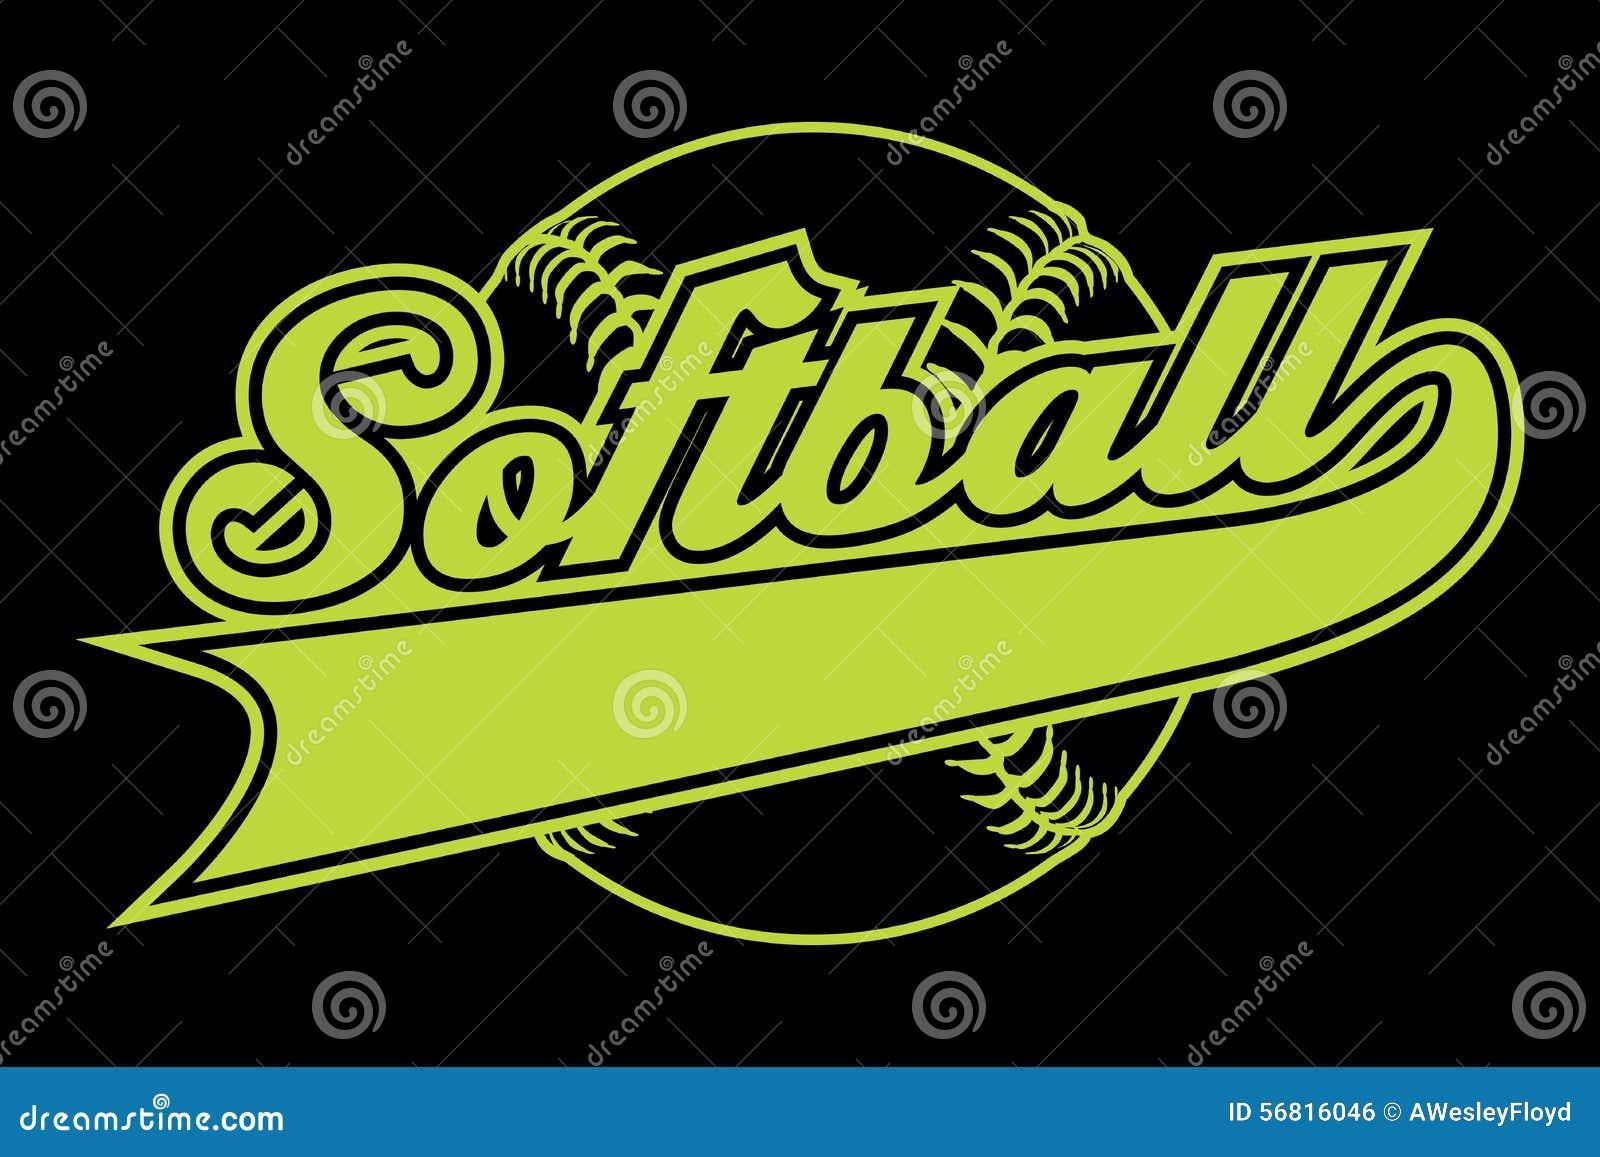 How To Design A Softball Logo